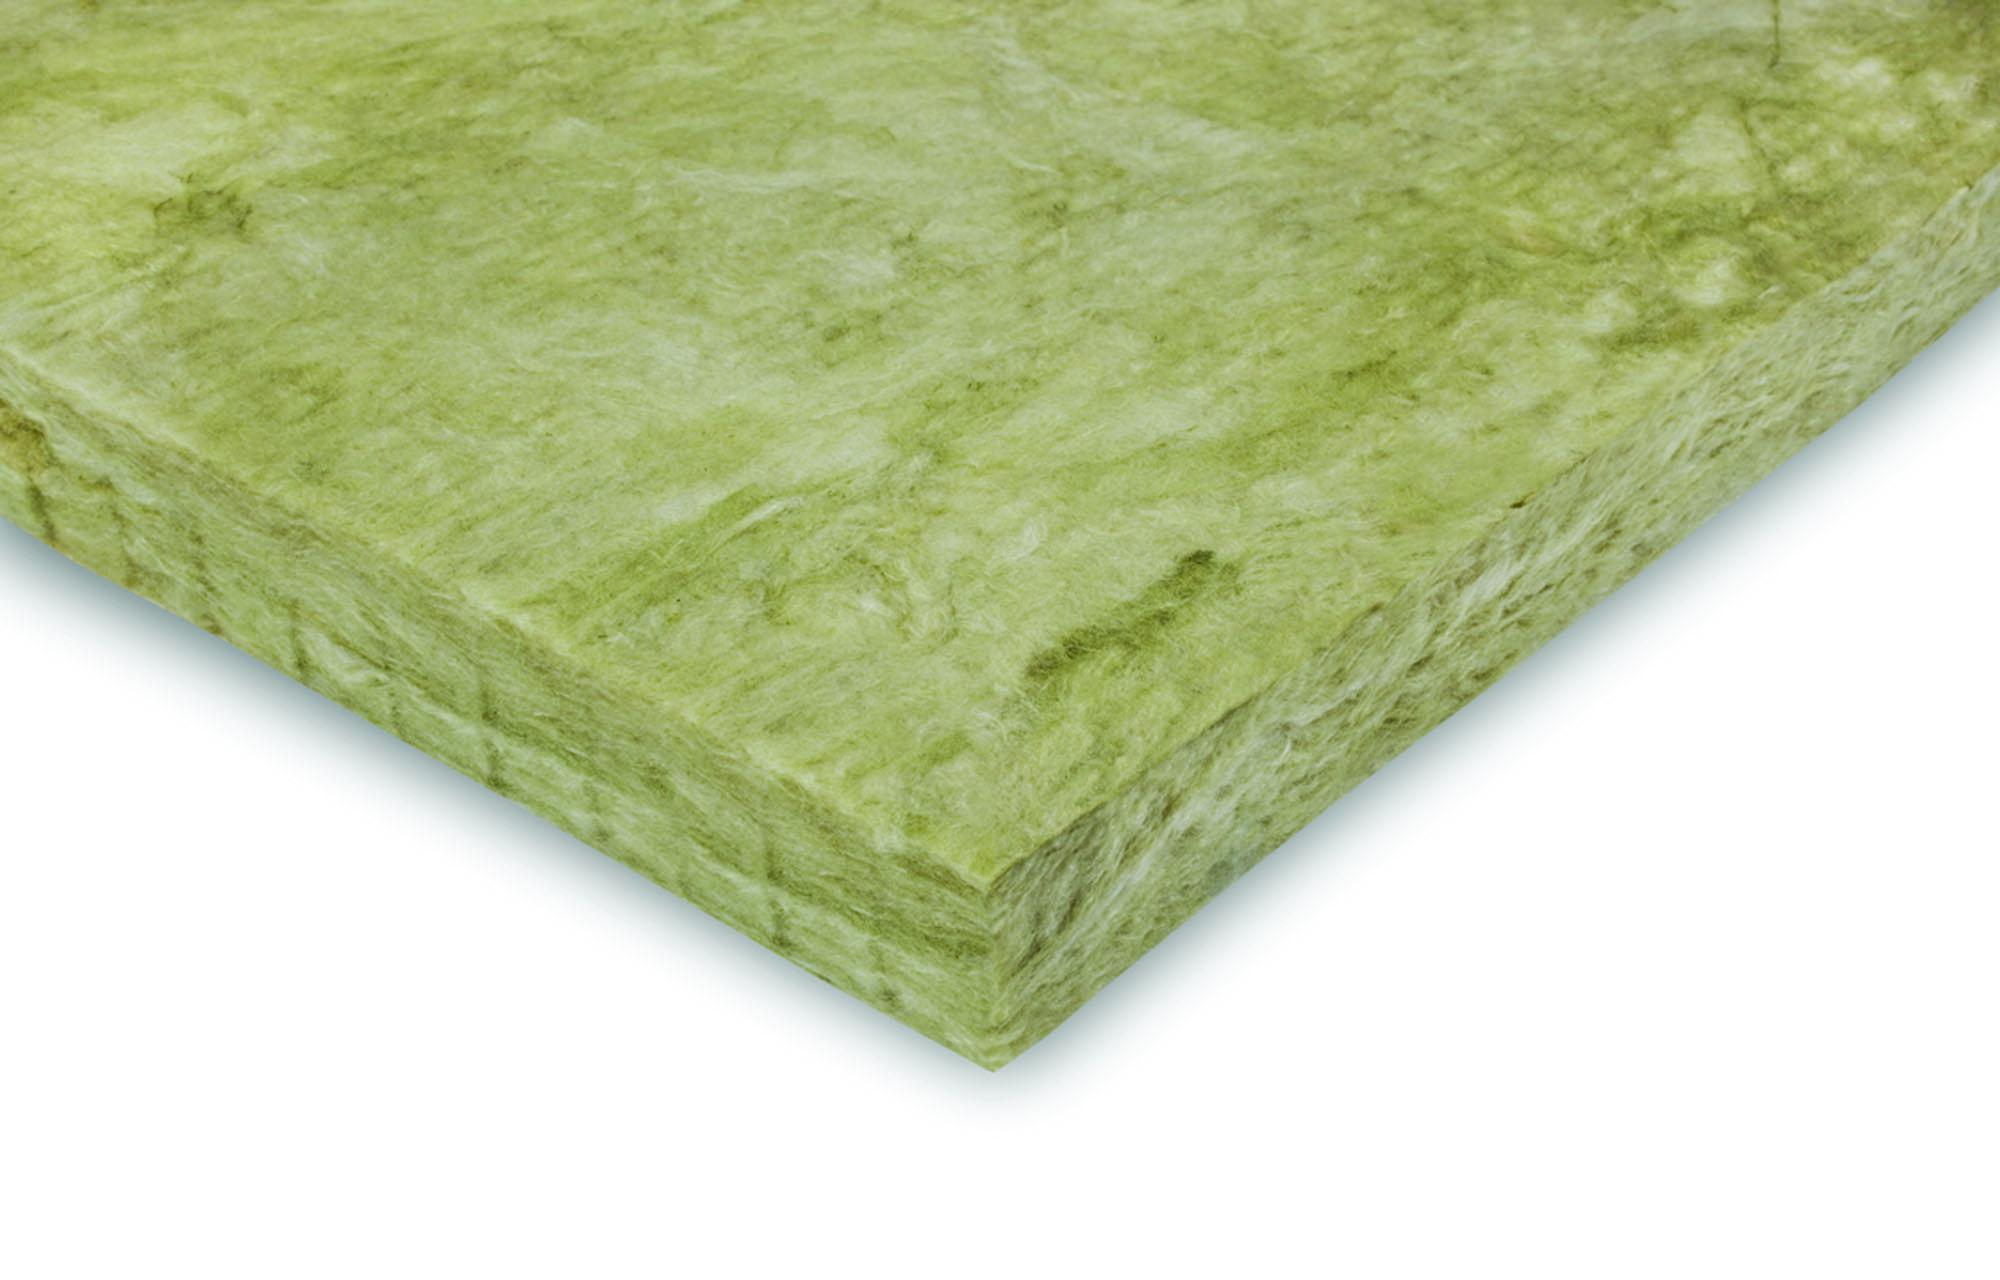 Materiales para aislar térmicamente el hogar